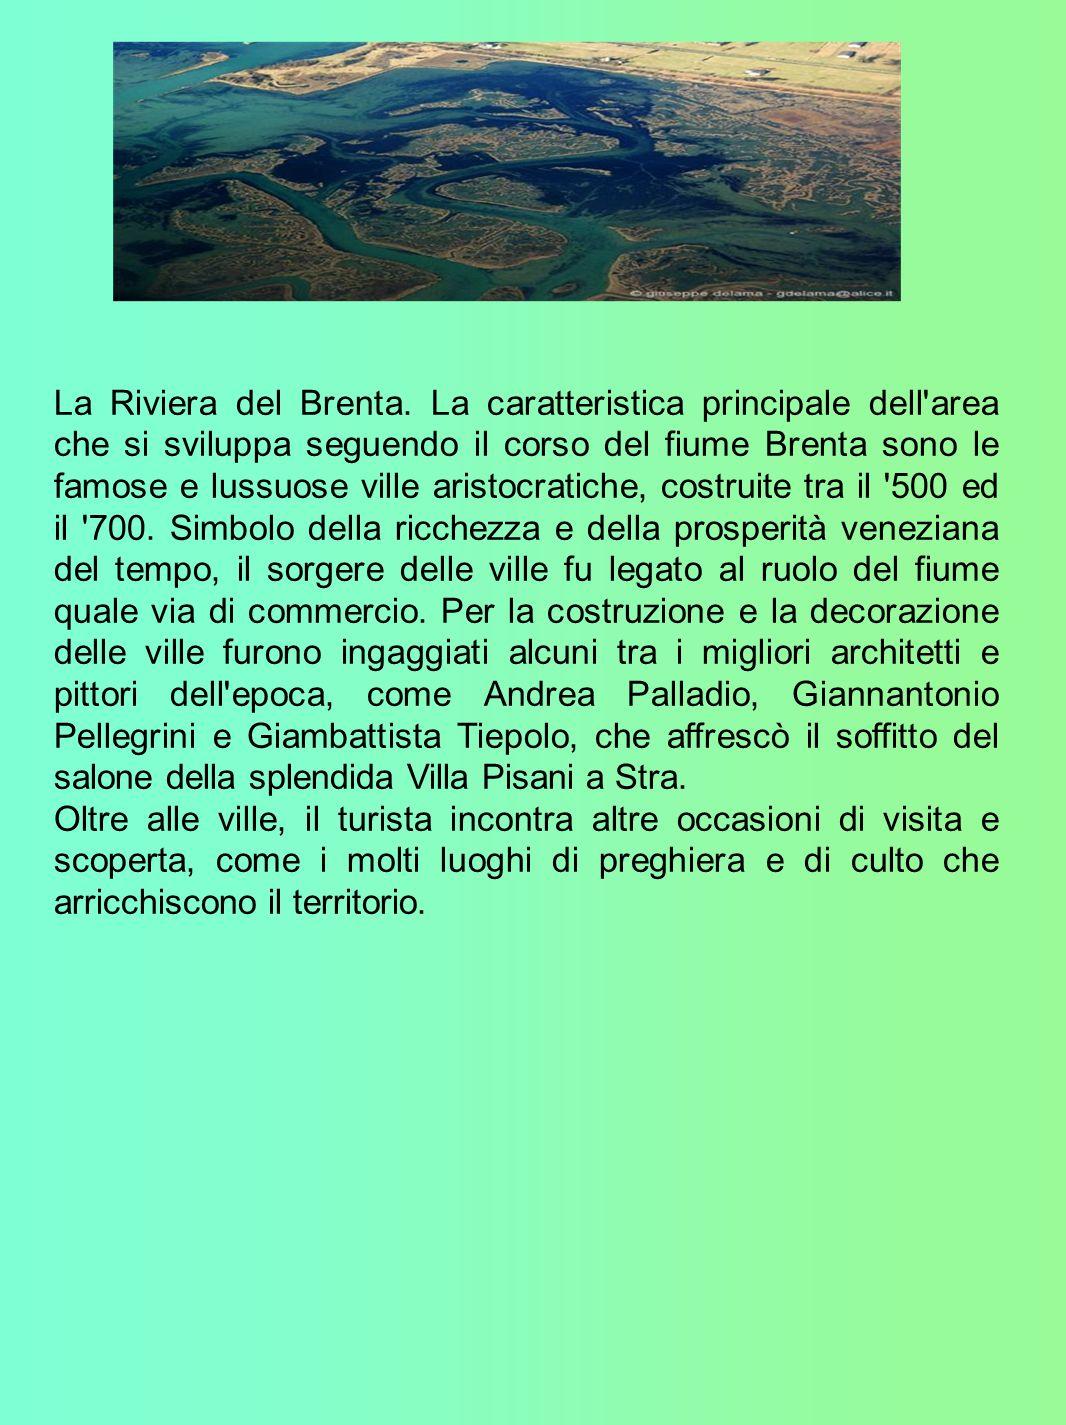 La Riviera del Brenta. La caratteristica principale dell area che si sviluppa seguendo il corso del fiume Brenta sono le famose e lussuose ville aristocratiche, costruite tra il 500 ed il 700. Simbolo della ricchezza e della prosperità veneziana del tempo, il sorgere delle ville fu legato al ruolo del fiume quale via di commercio. Per la costruzione e la decorazione delle ville furono ingaggiati alcuni tra i migliori architetti e pittori dell epoca, come Andrea Palladio, Giannantonio Pellegrini e Giambattista Tiepolo, che affrescò il soffitto del salone della splendida Villa Pisani a Stra.